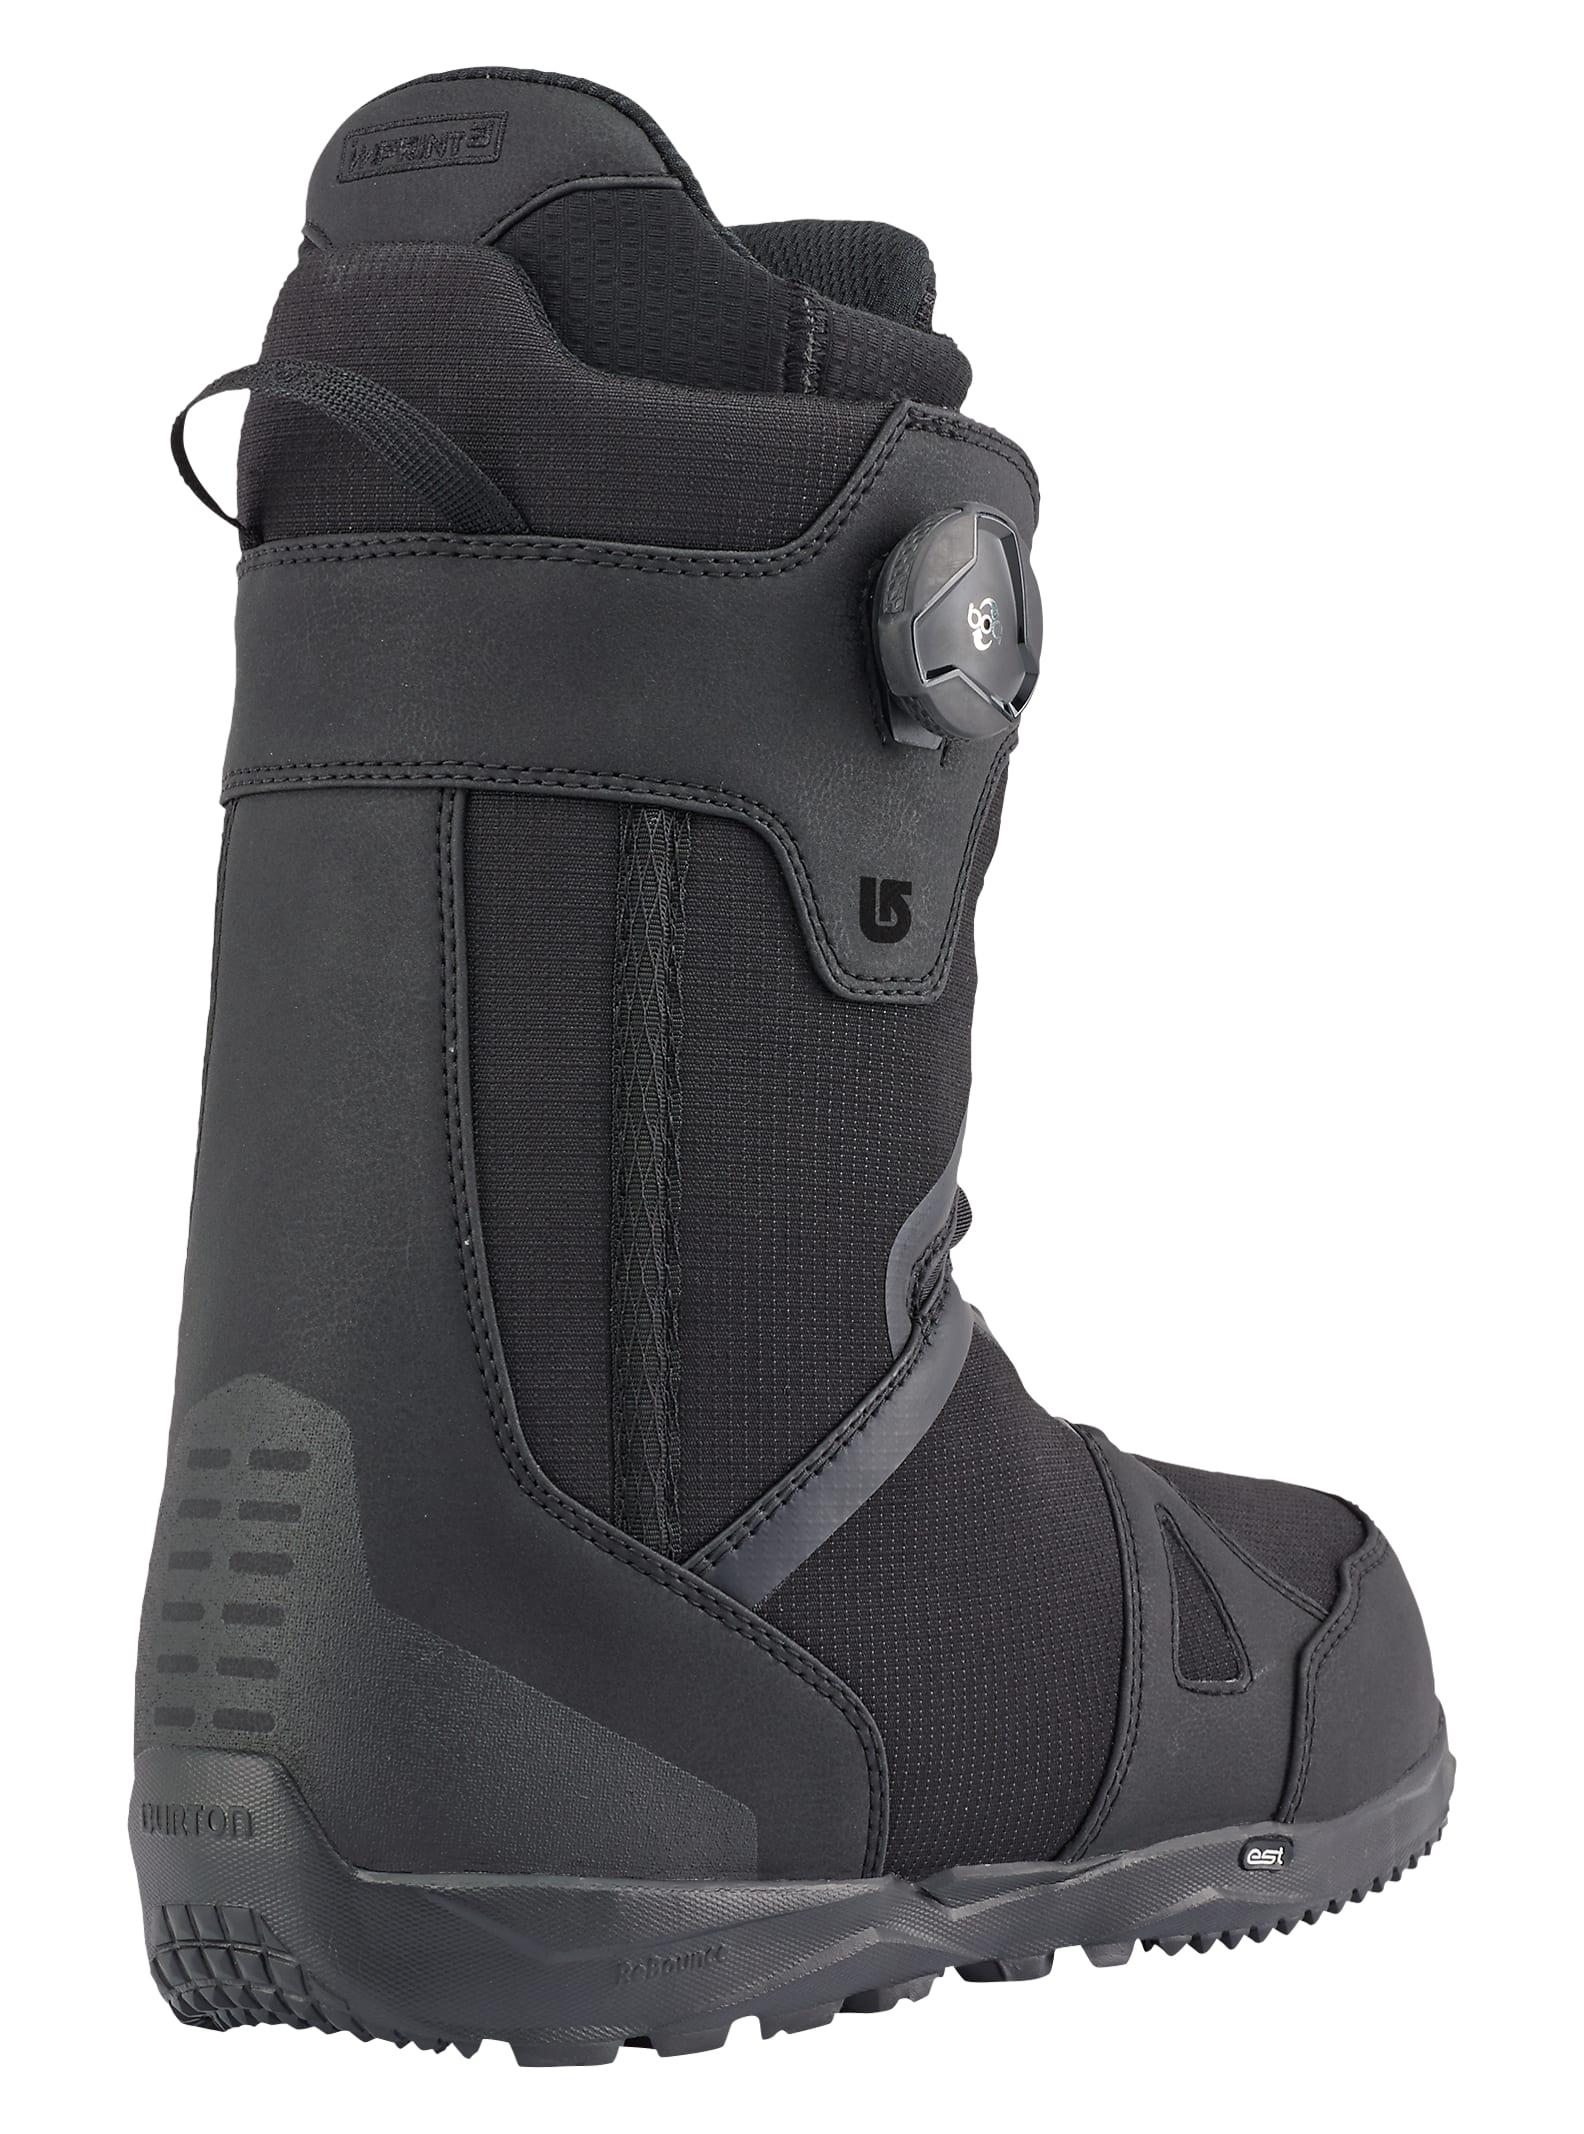 3668f7bb7a Burton Concord Boa® Snowboard Boot | Burton Snowboards Winter 16